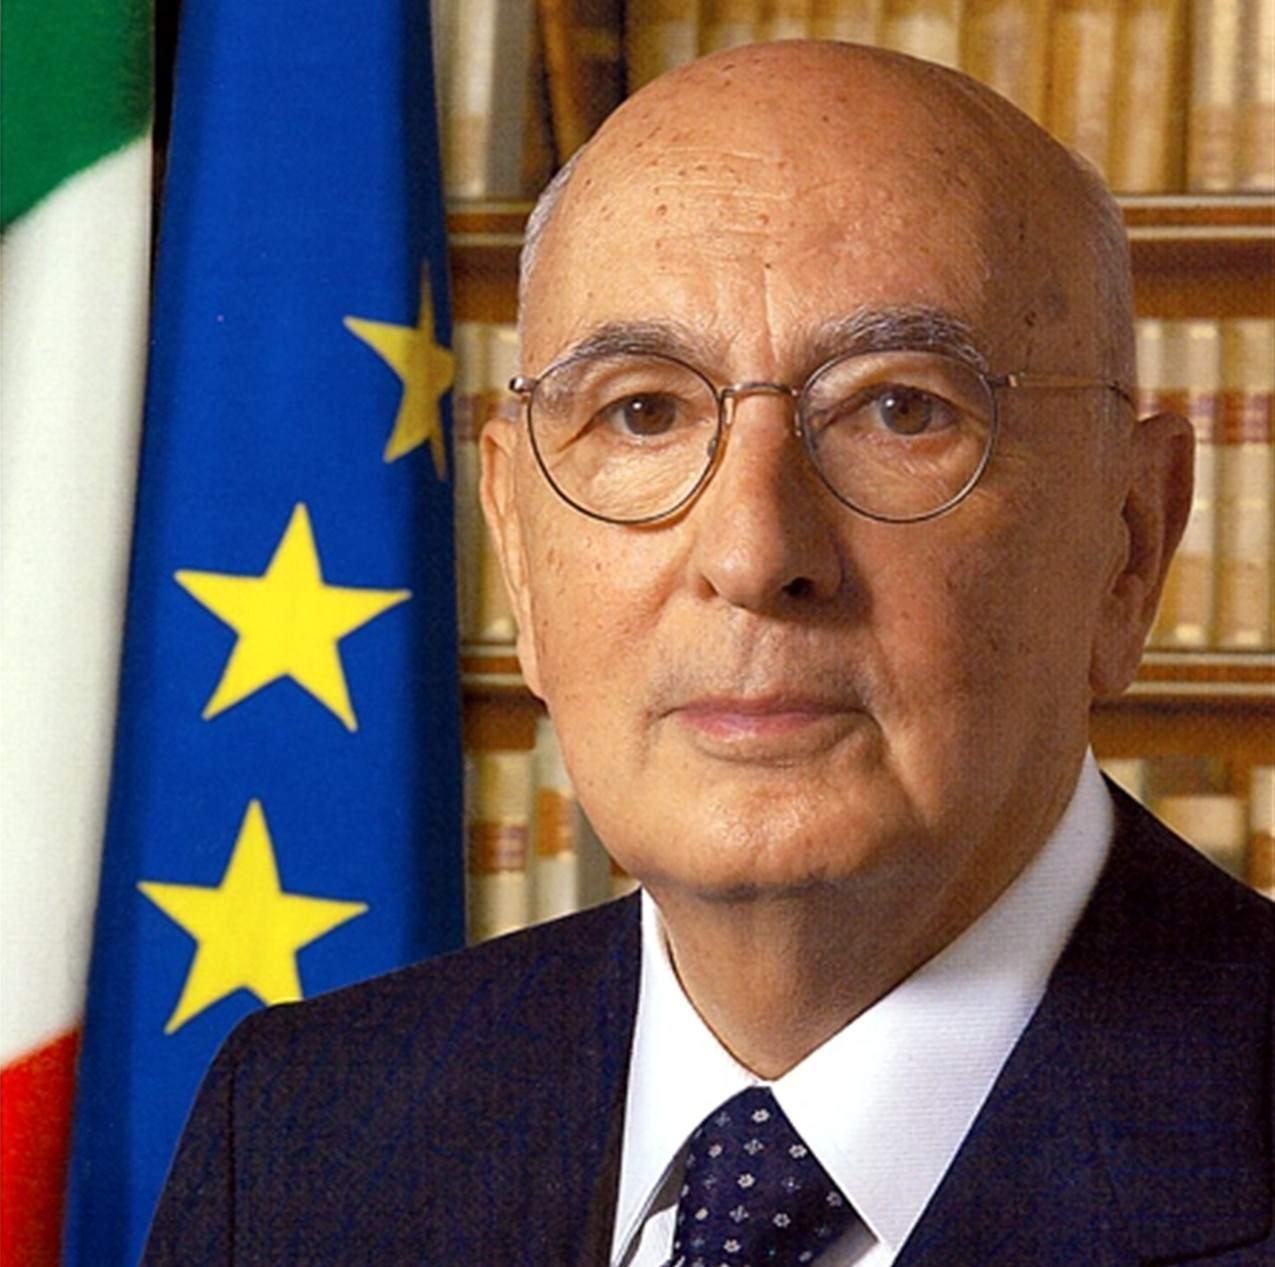 Stato-mafia, Riina chiede di assistere a deposizione di Napolitano